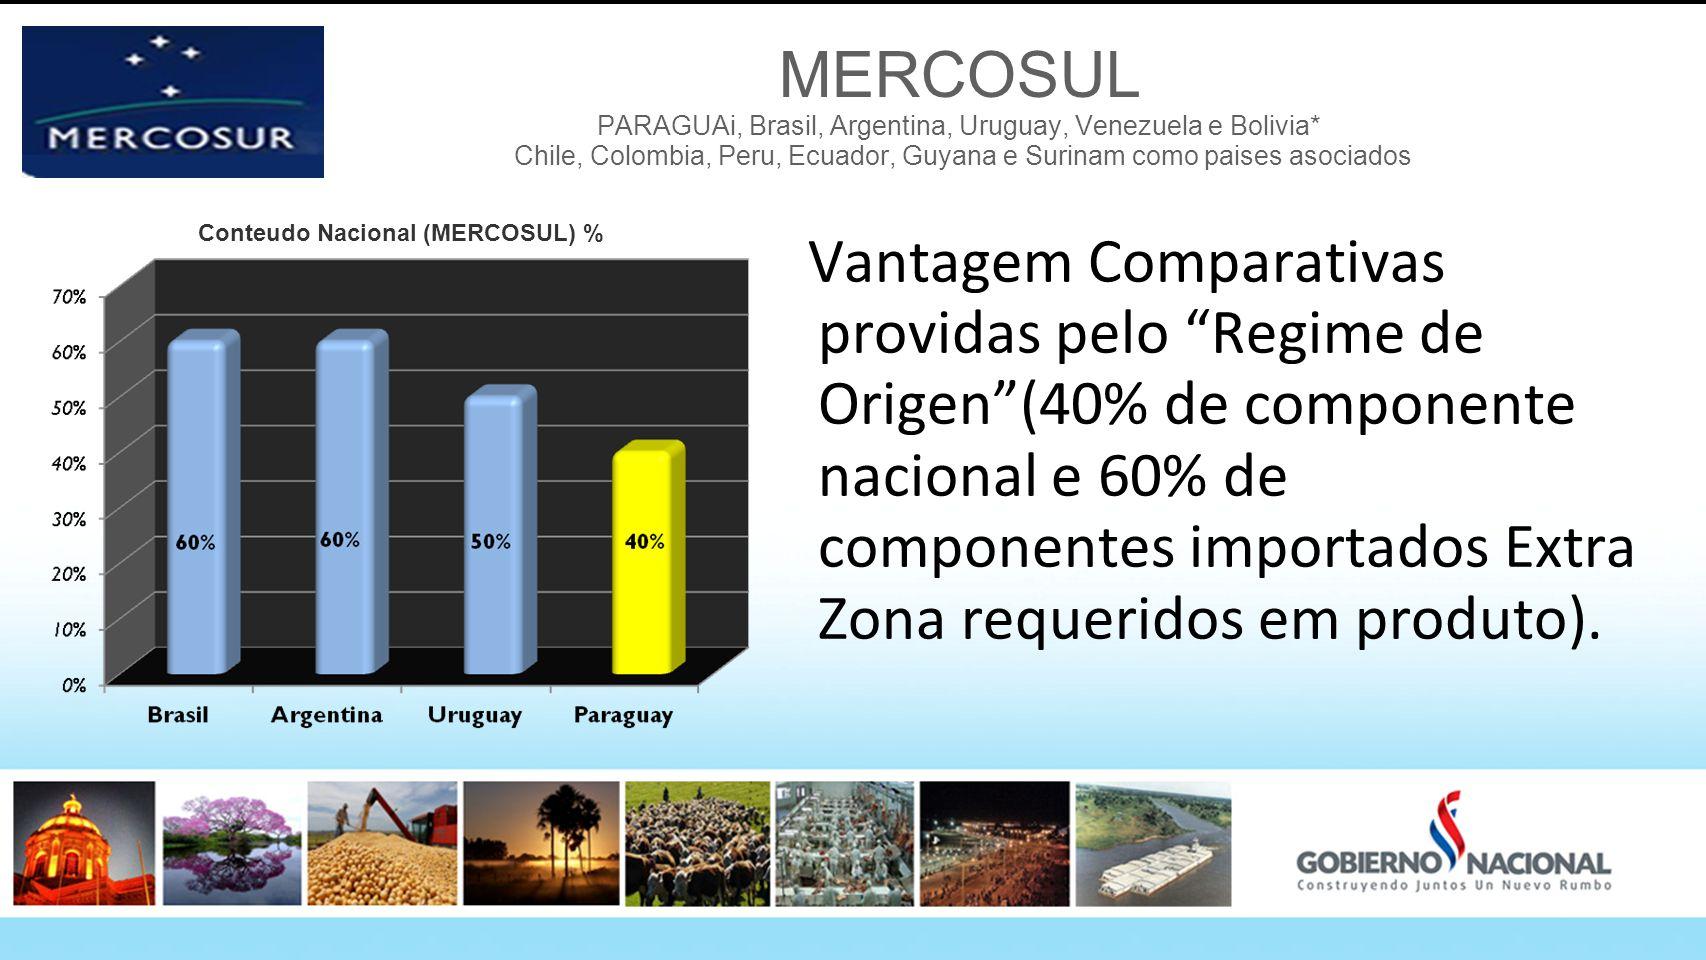 MERCOSUL PARAGUAi, Brasil, Argentina, Uruguay, Venezuela e Bolivia